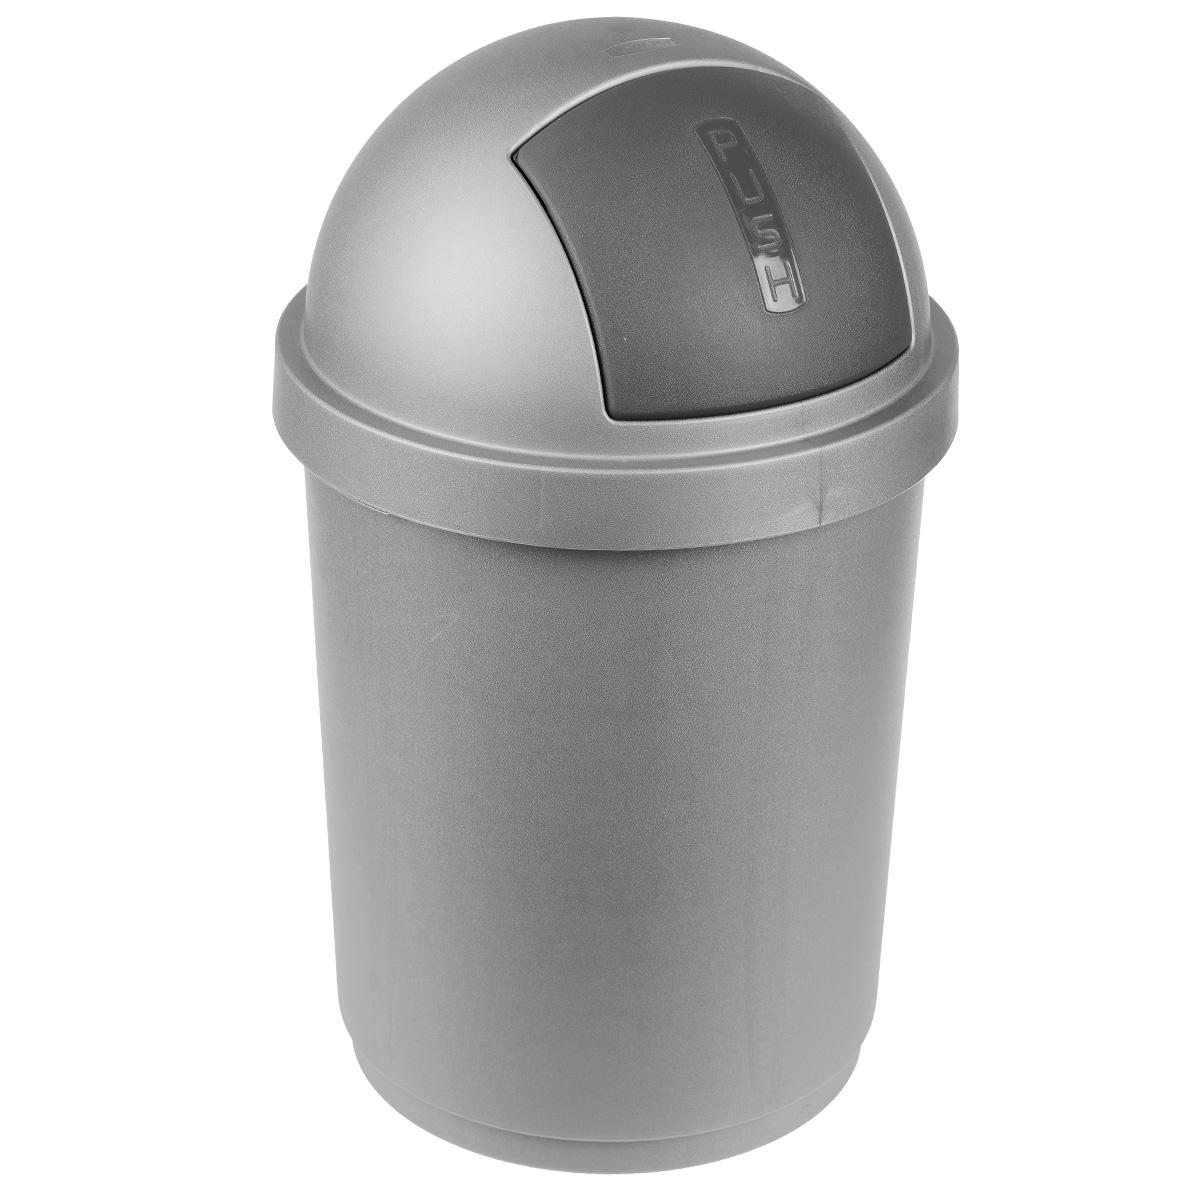 """Контейнер для мусора Curver """"Буллет бин"""", цвет: серебристый, черный, 25 л"""